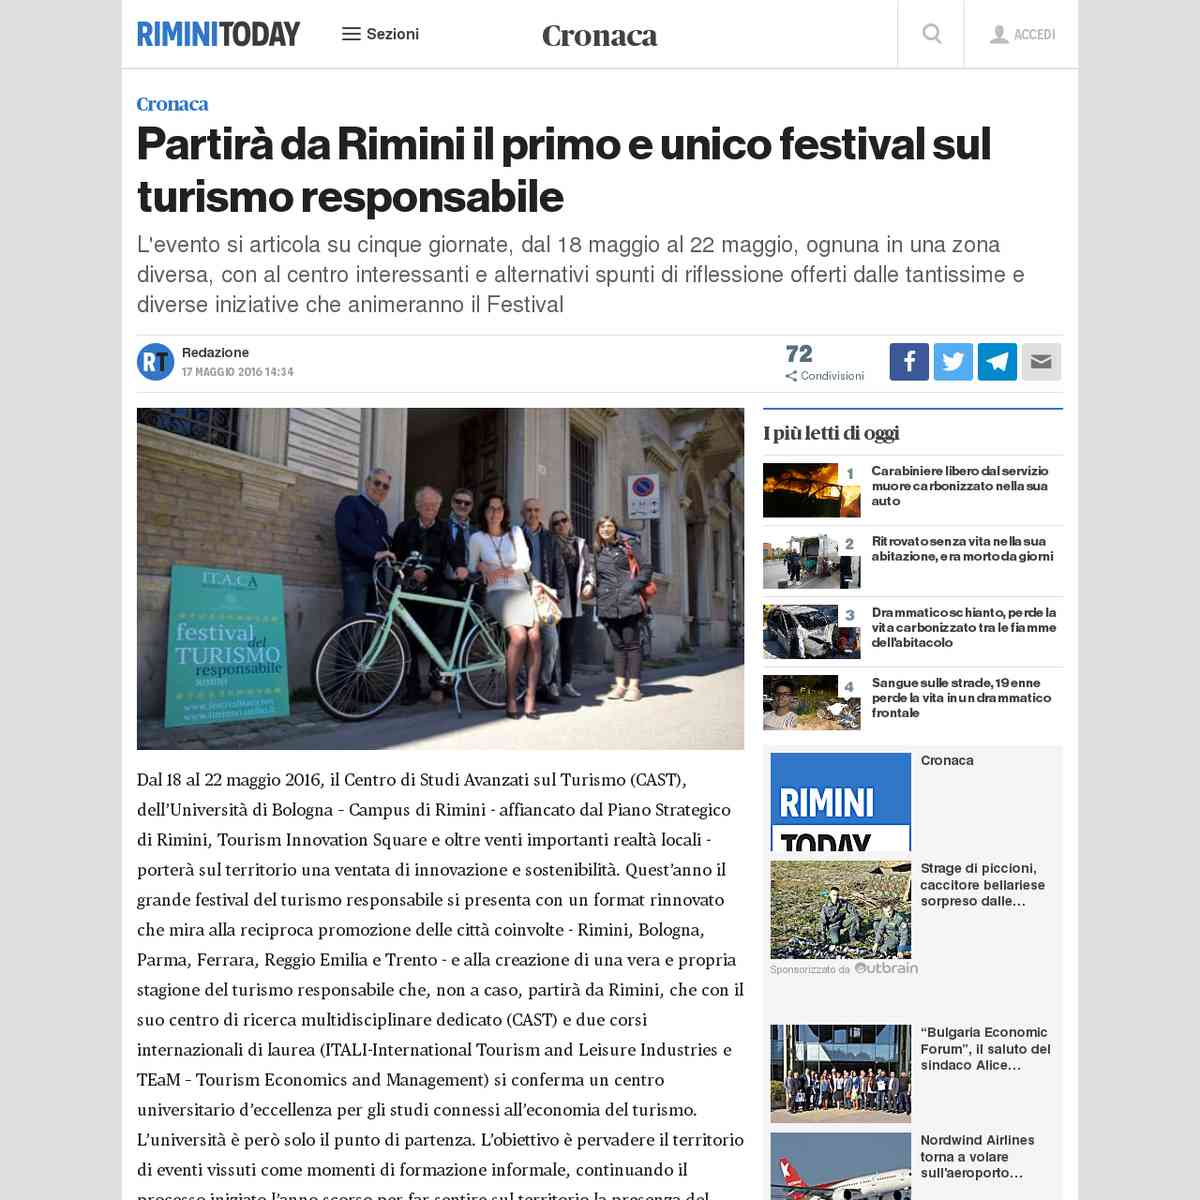 Partirà da Rimini il primo e unico festival sul turismo responsabile - Rimini Today - 19/05/2016